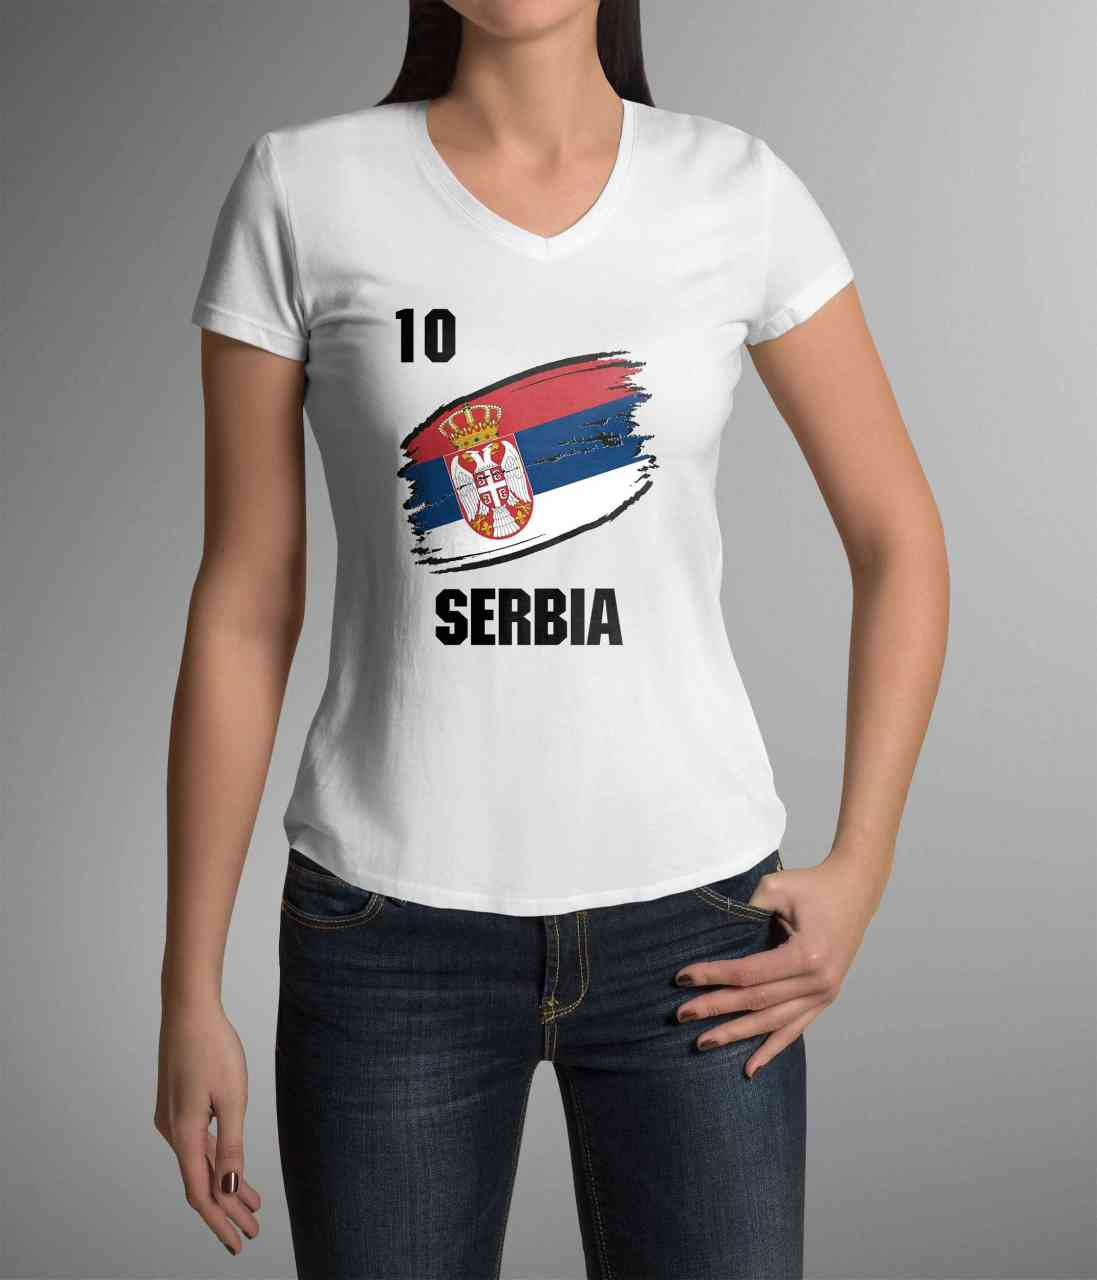 Serbia | Serbien | Männer oder Frauen Trikot T - Shirt mit Wunsch Nummer + Wunsch Name | WM 2018